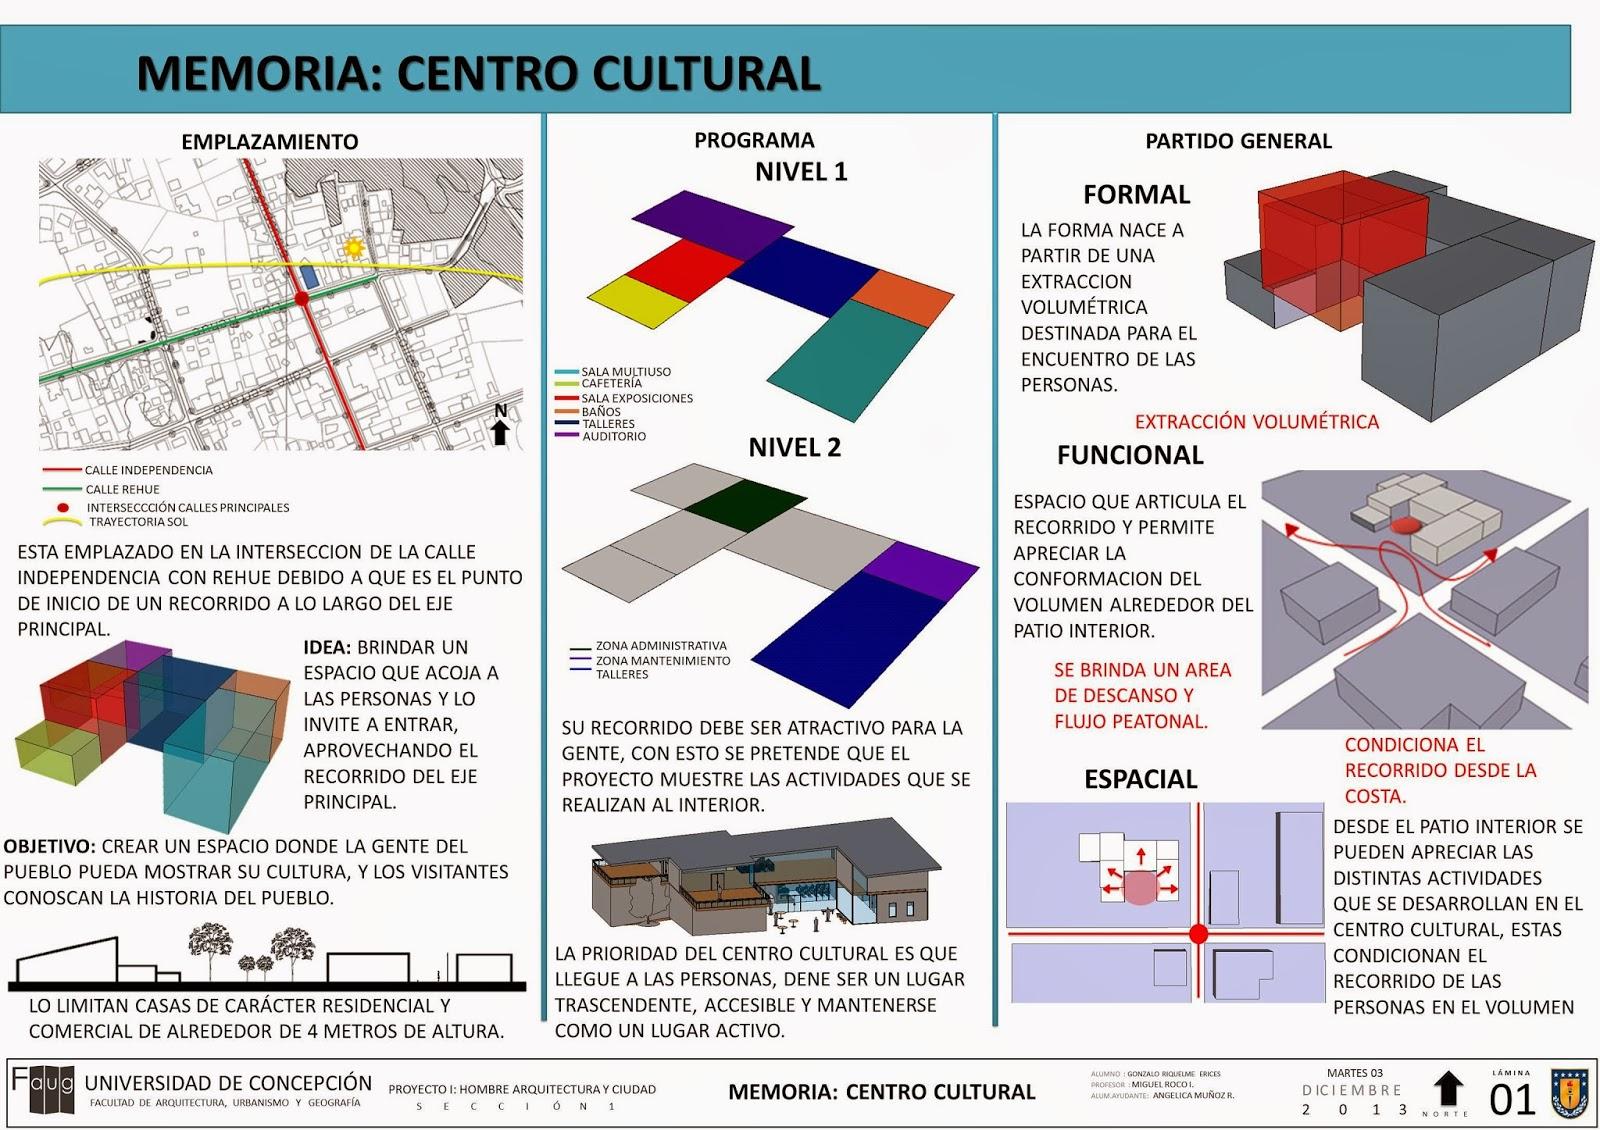 hombre arquitectura y ciudad On memorias arquitectonicas de proyectos